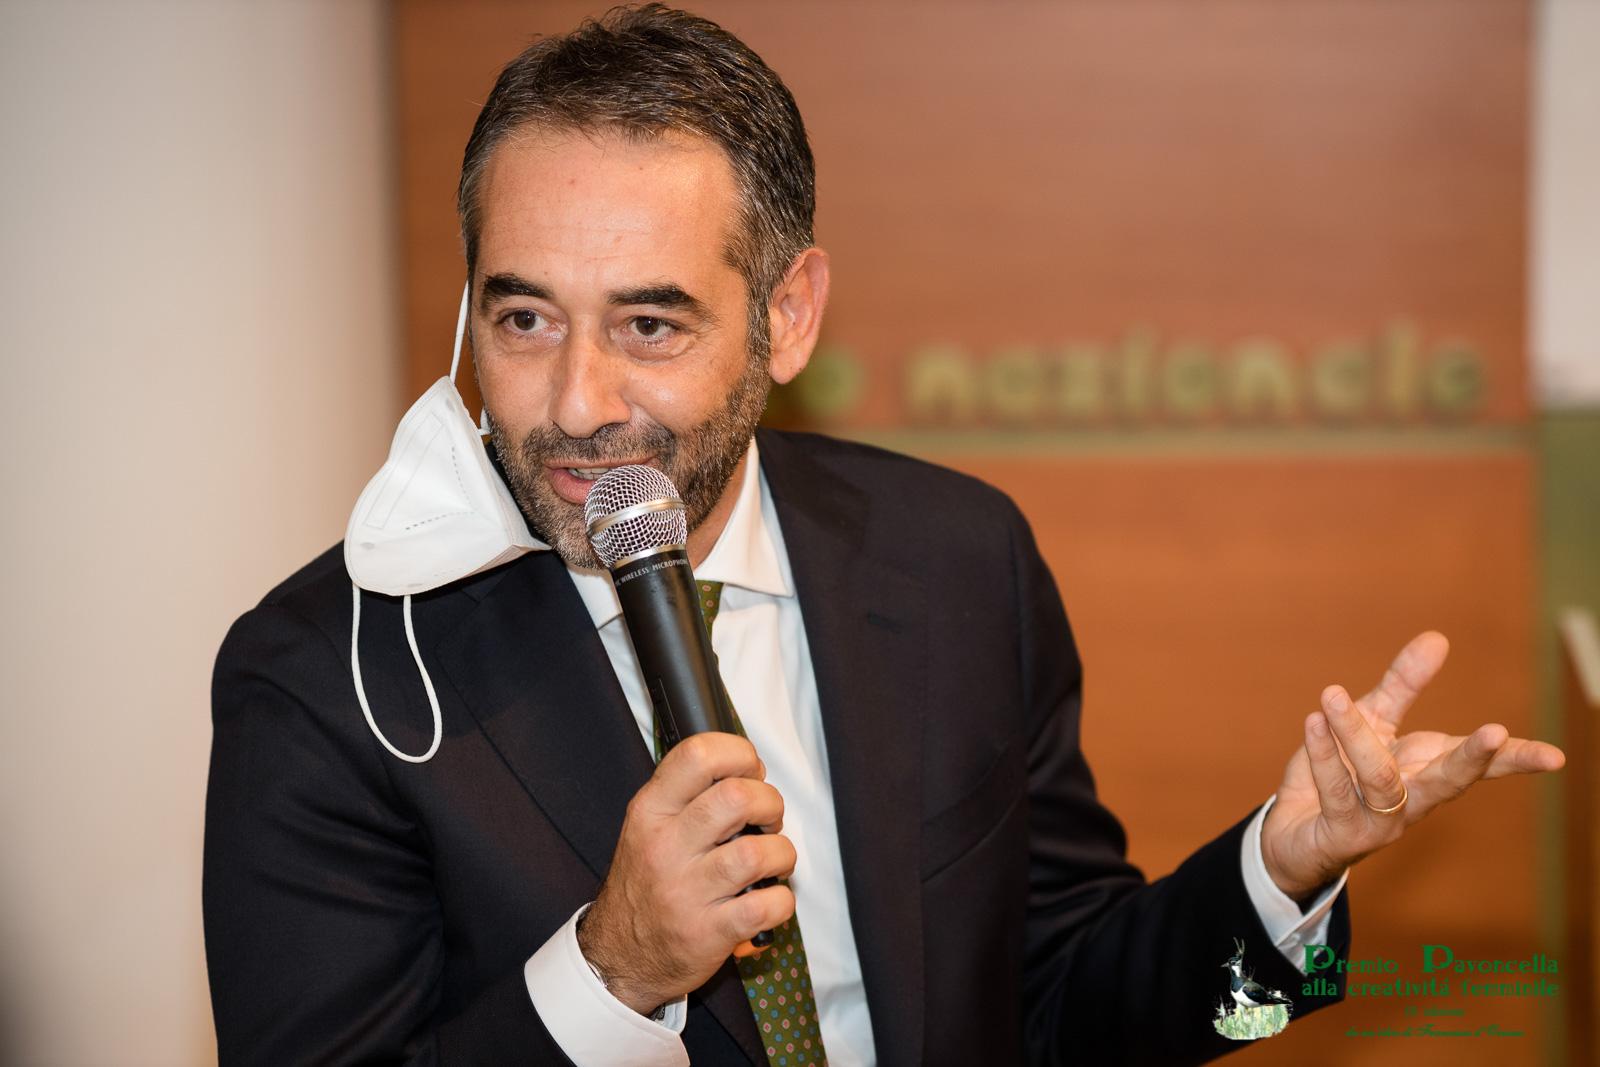 Il Prof.Michele Guarino, presidente del Comitato Scientifico del Premio Pavoncella, in un momento della premiazione